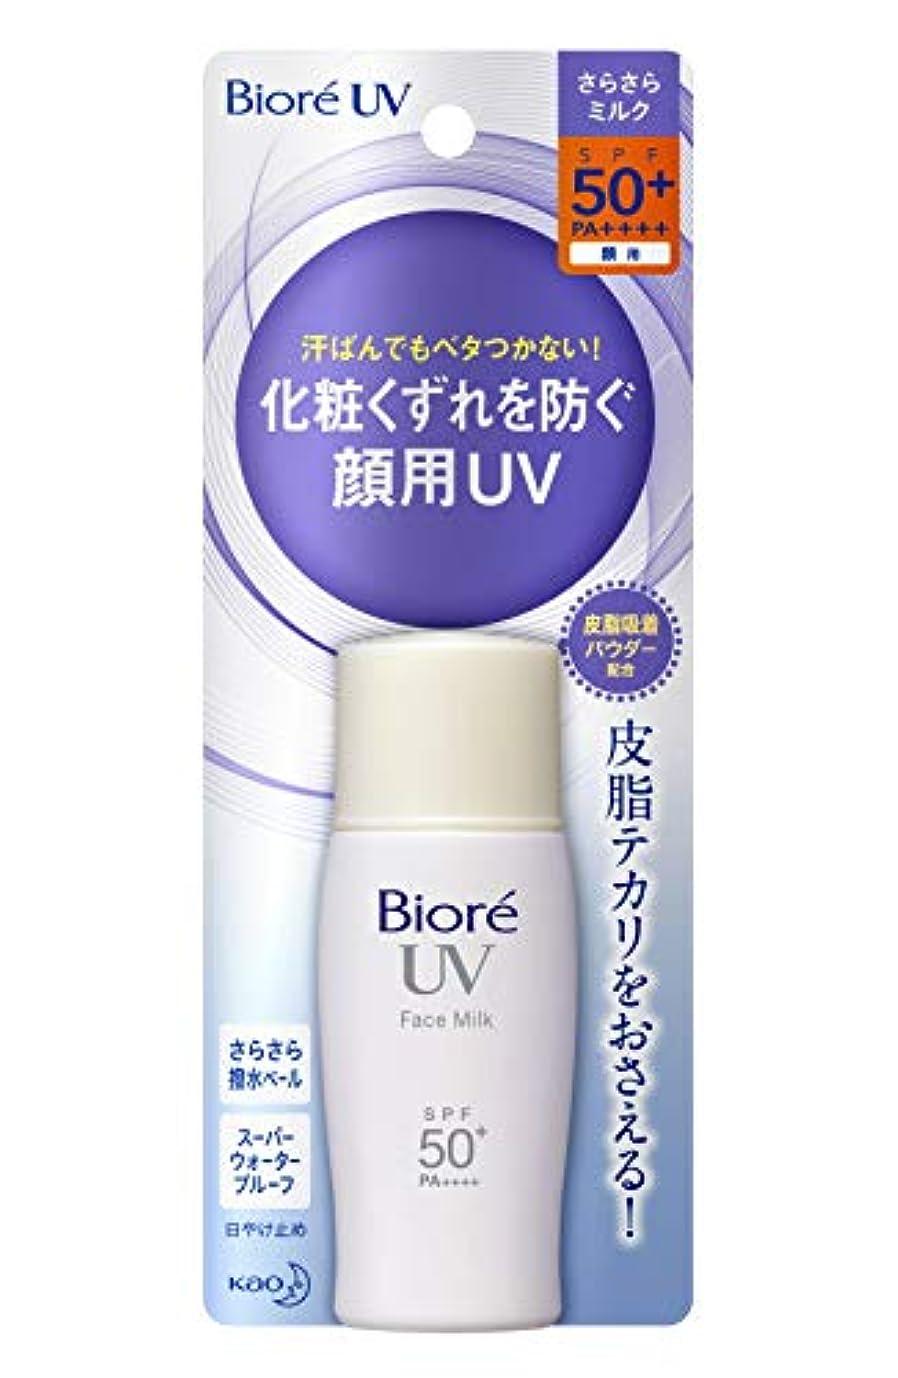 敵レイエアコンビオレ UV さらさらフェイスミルク SPF50+/PA++++ 30ml